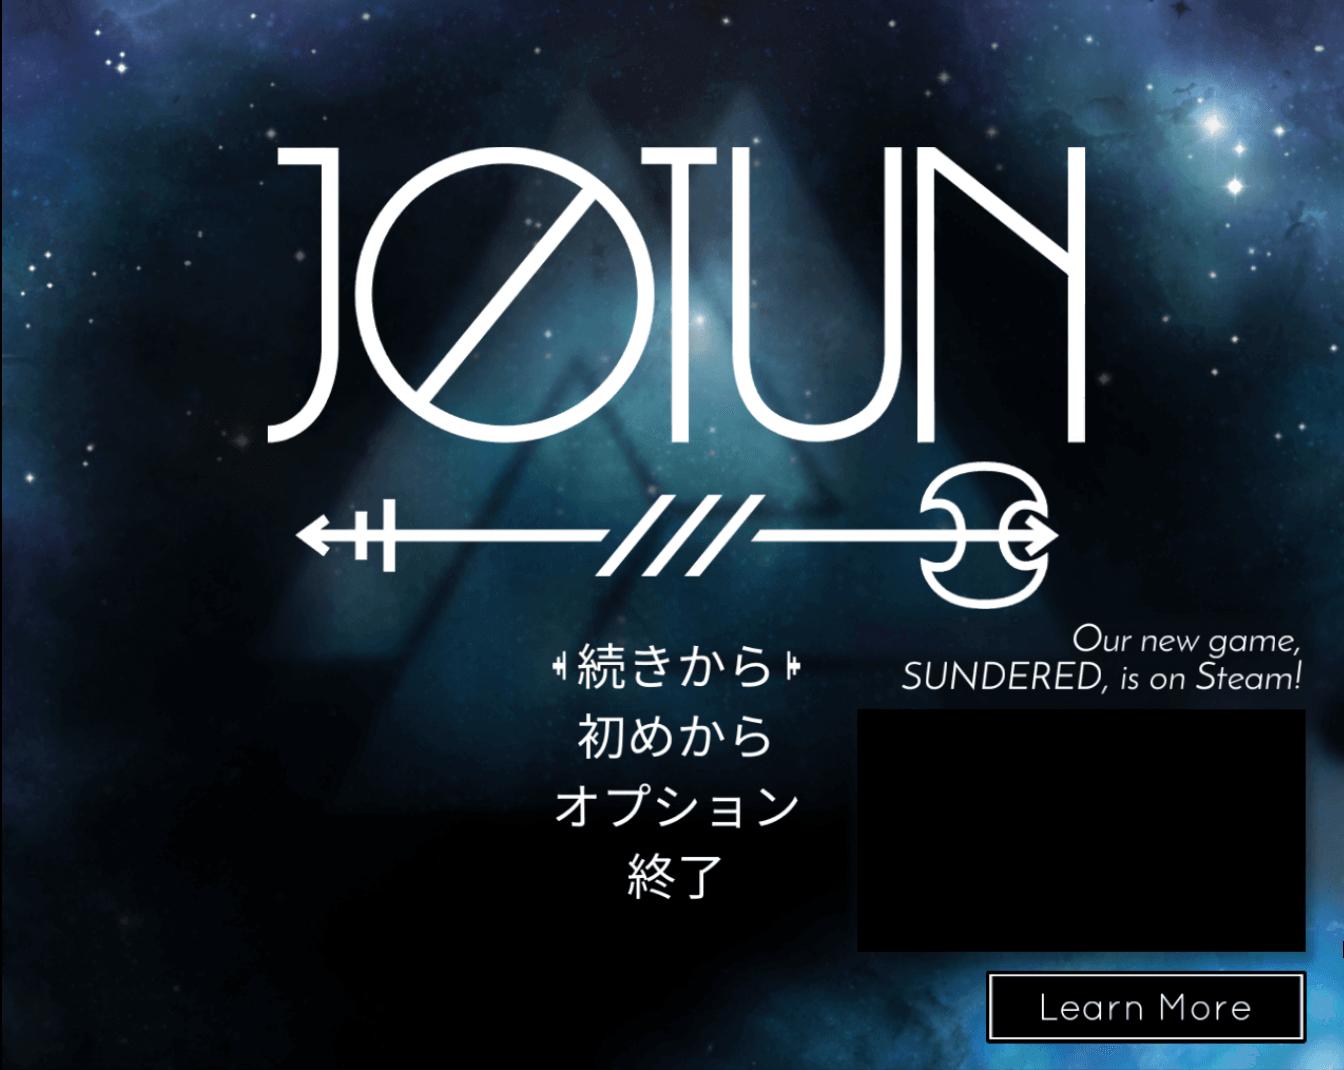 【終了】SteamにてJotun(ヨトゥン ヴァルハラ版)が期間限定で無料インストール可能!